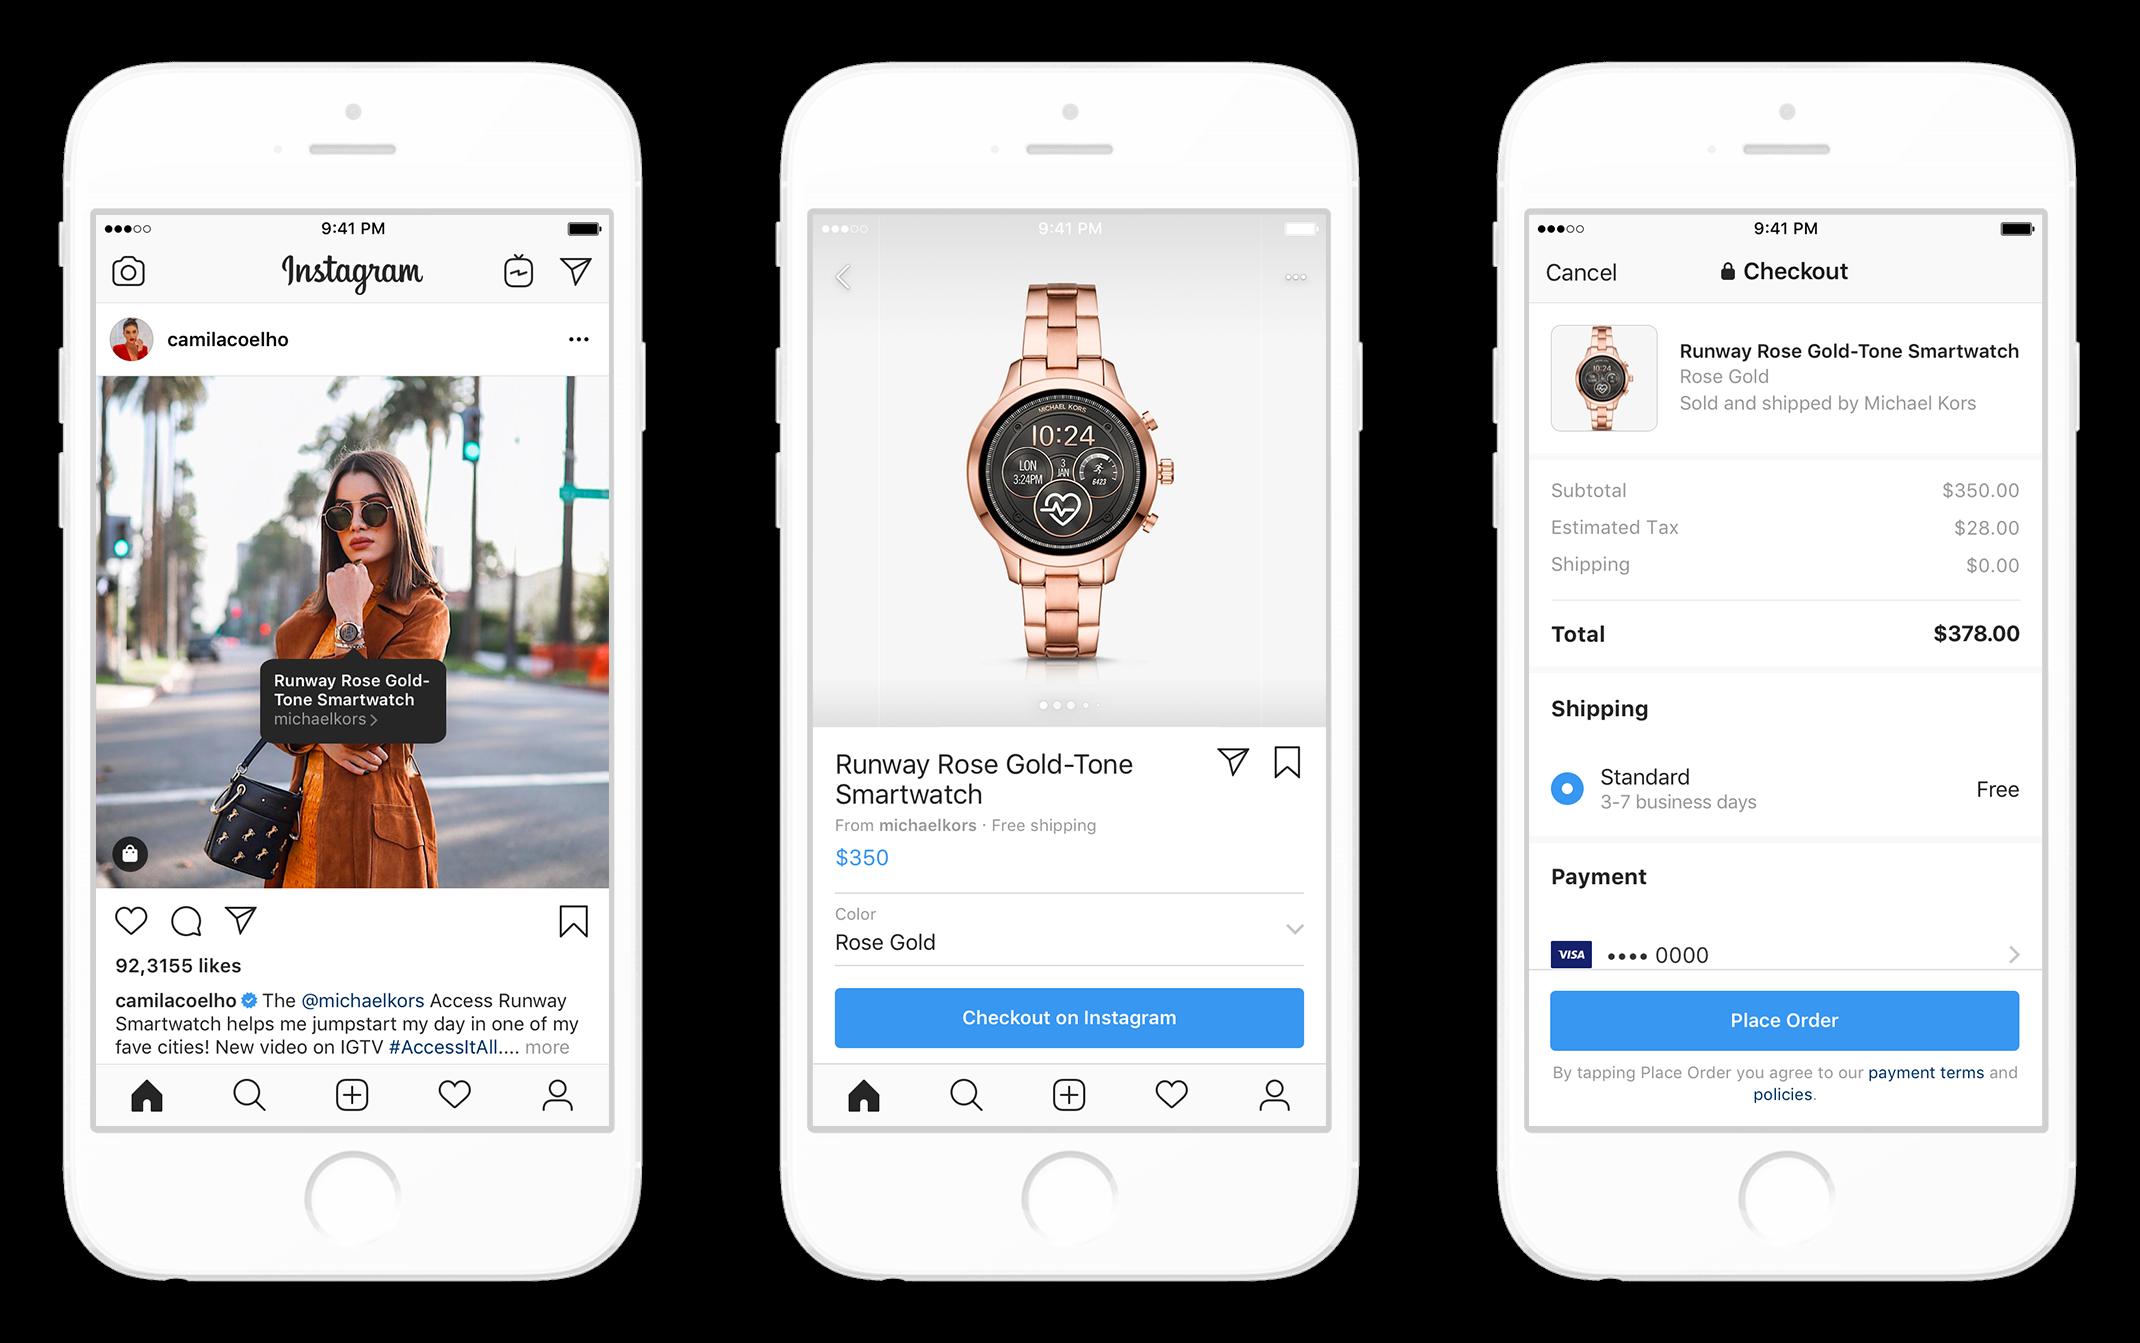 インスタ「チェックアウト」機能でインフルエンサー(クリエイターアカウント)から購入可能に!インスタアプリ離れることなく購入完了!Instagramショッピングチェックアウト最新情報2019